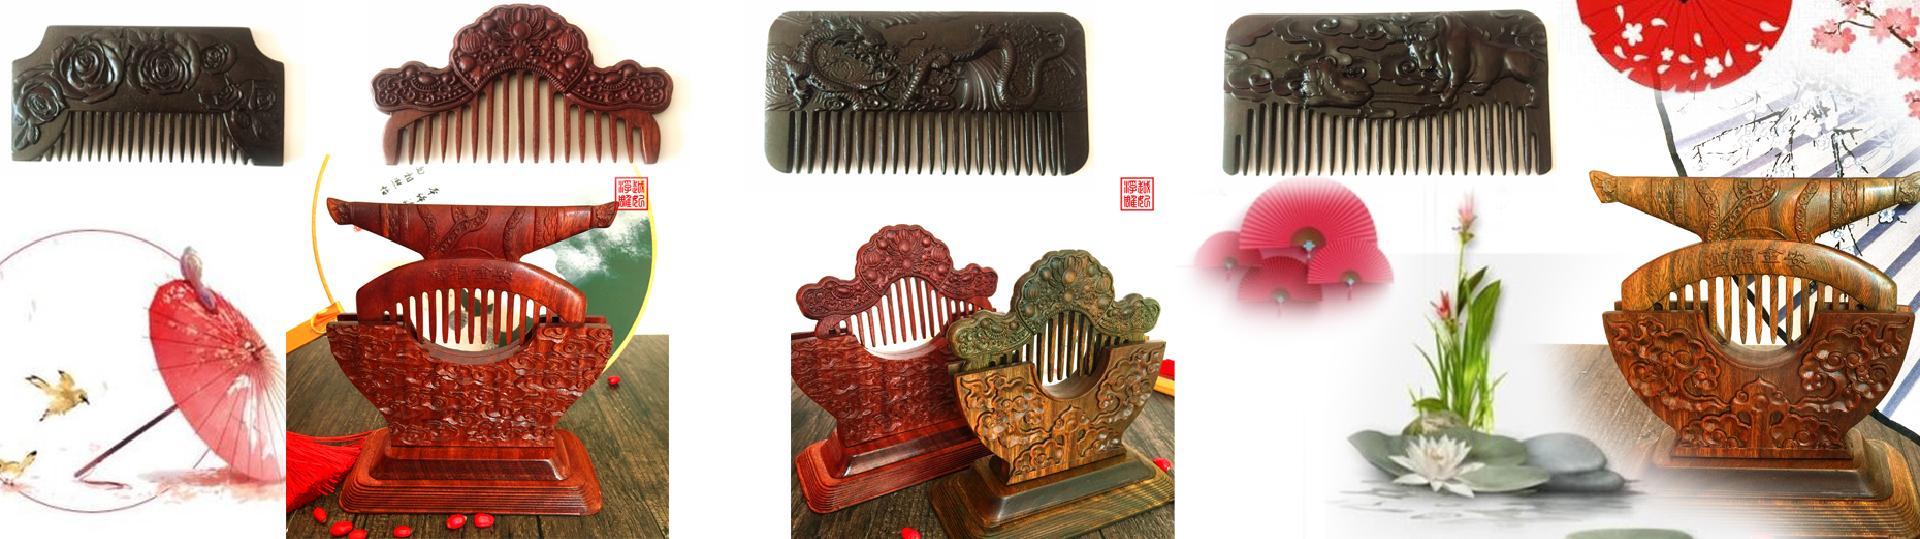 越妃红木梳,生日礼品,母亲节礼品'